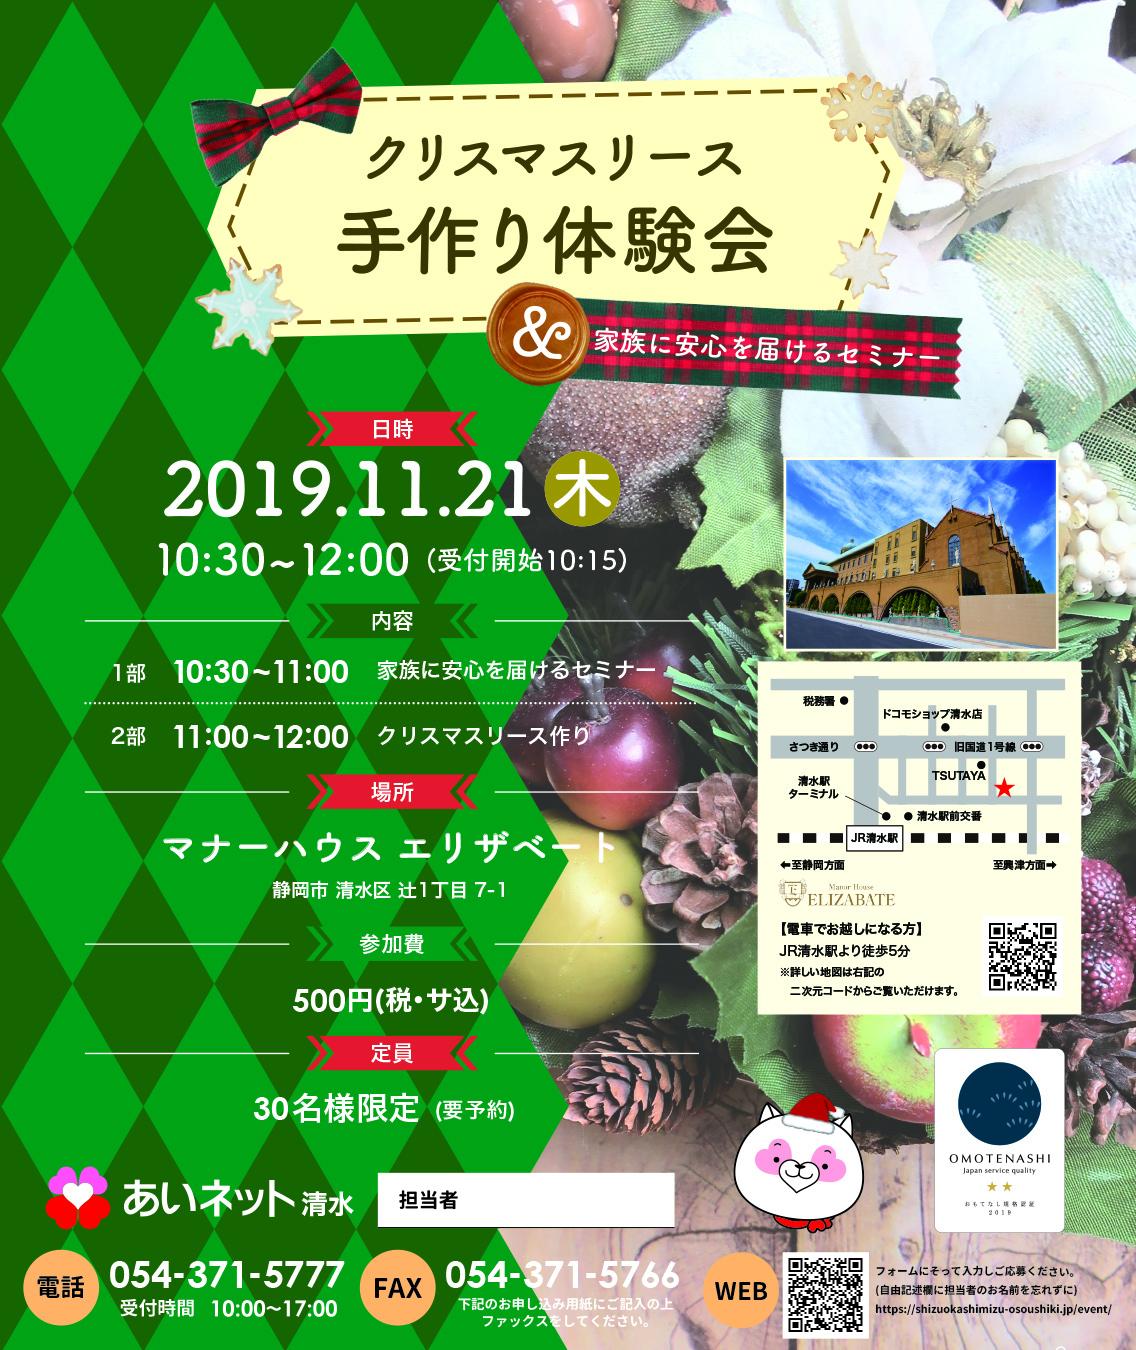 【11/21開催】クリスマスリース手作り体験会&家族に安心を届けるセミナー